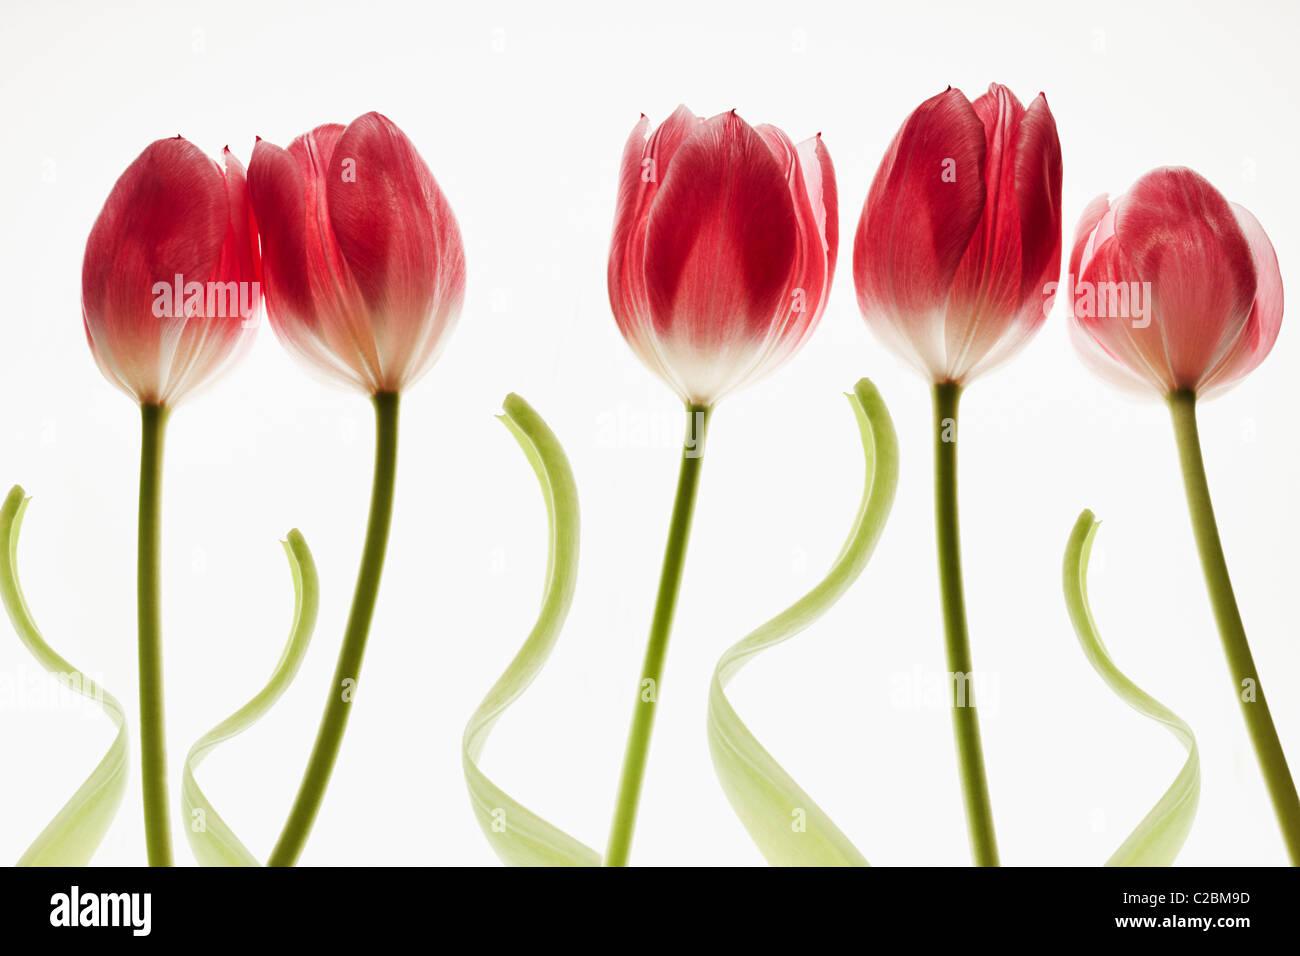 Cinque tulipani rossi su sfondo bianco Immagini Stock